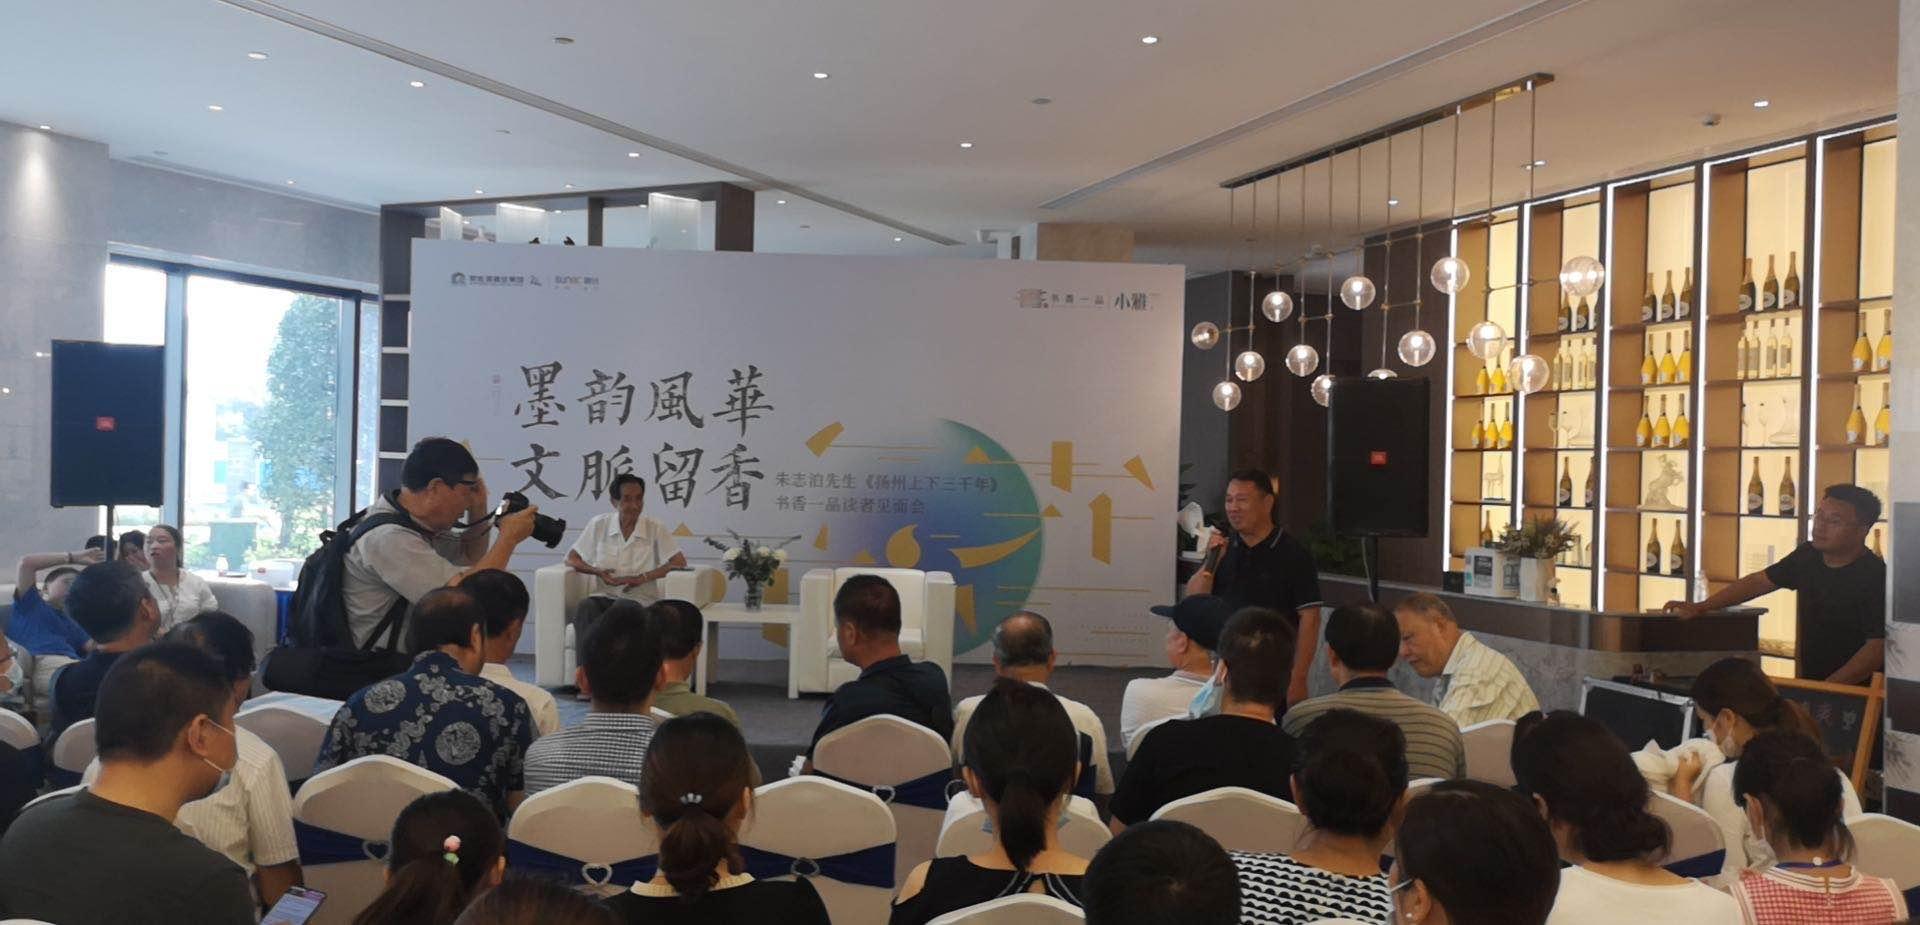 扬州举办朱志泊《扬州上下三千年》——读者见面会暨阅读推广活动